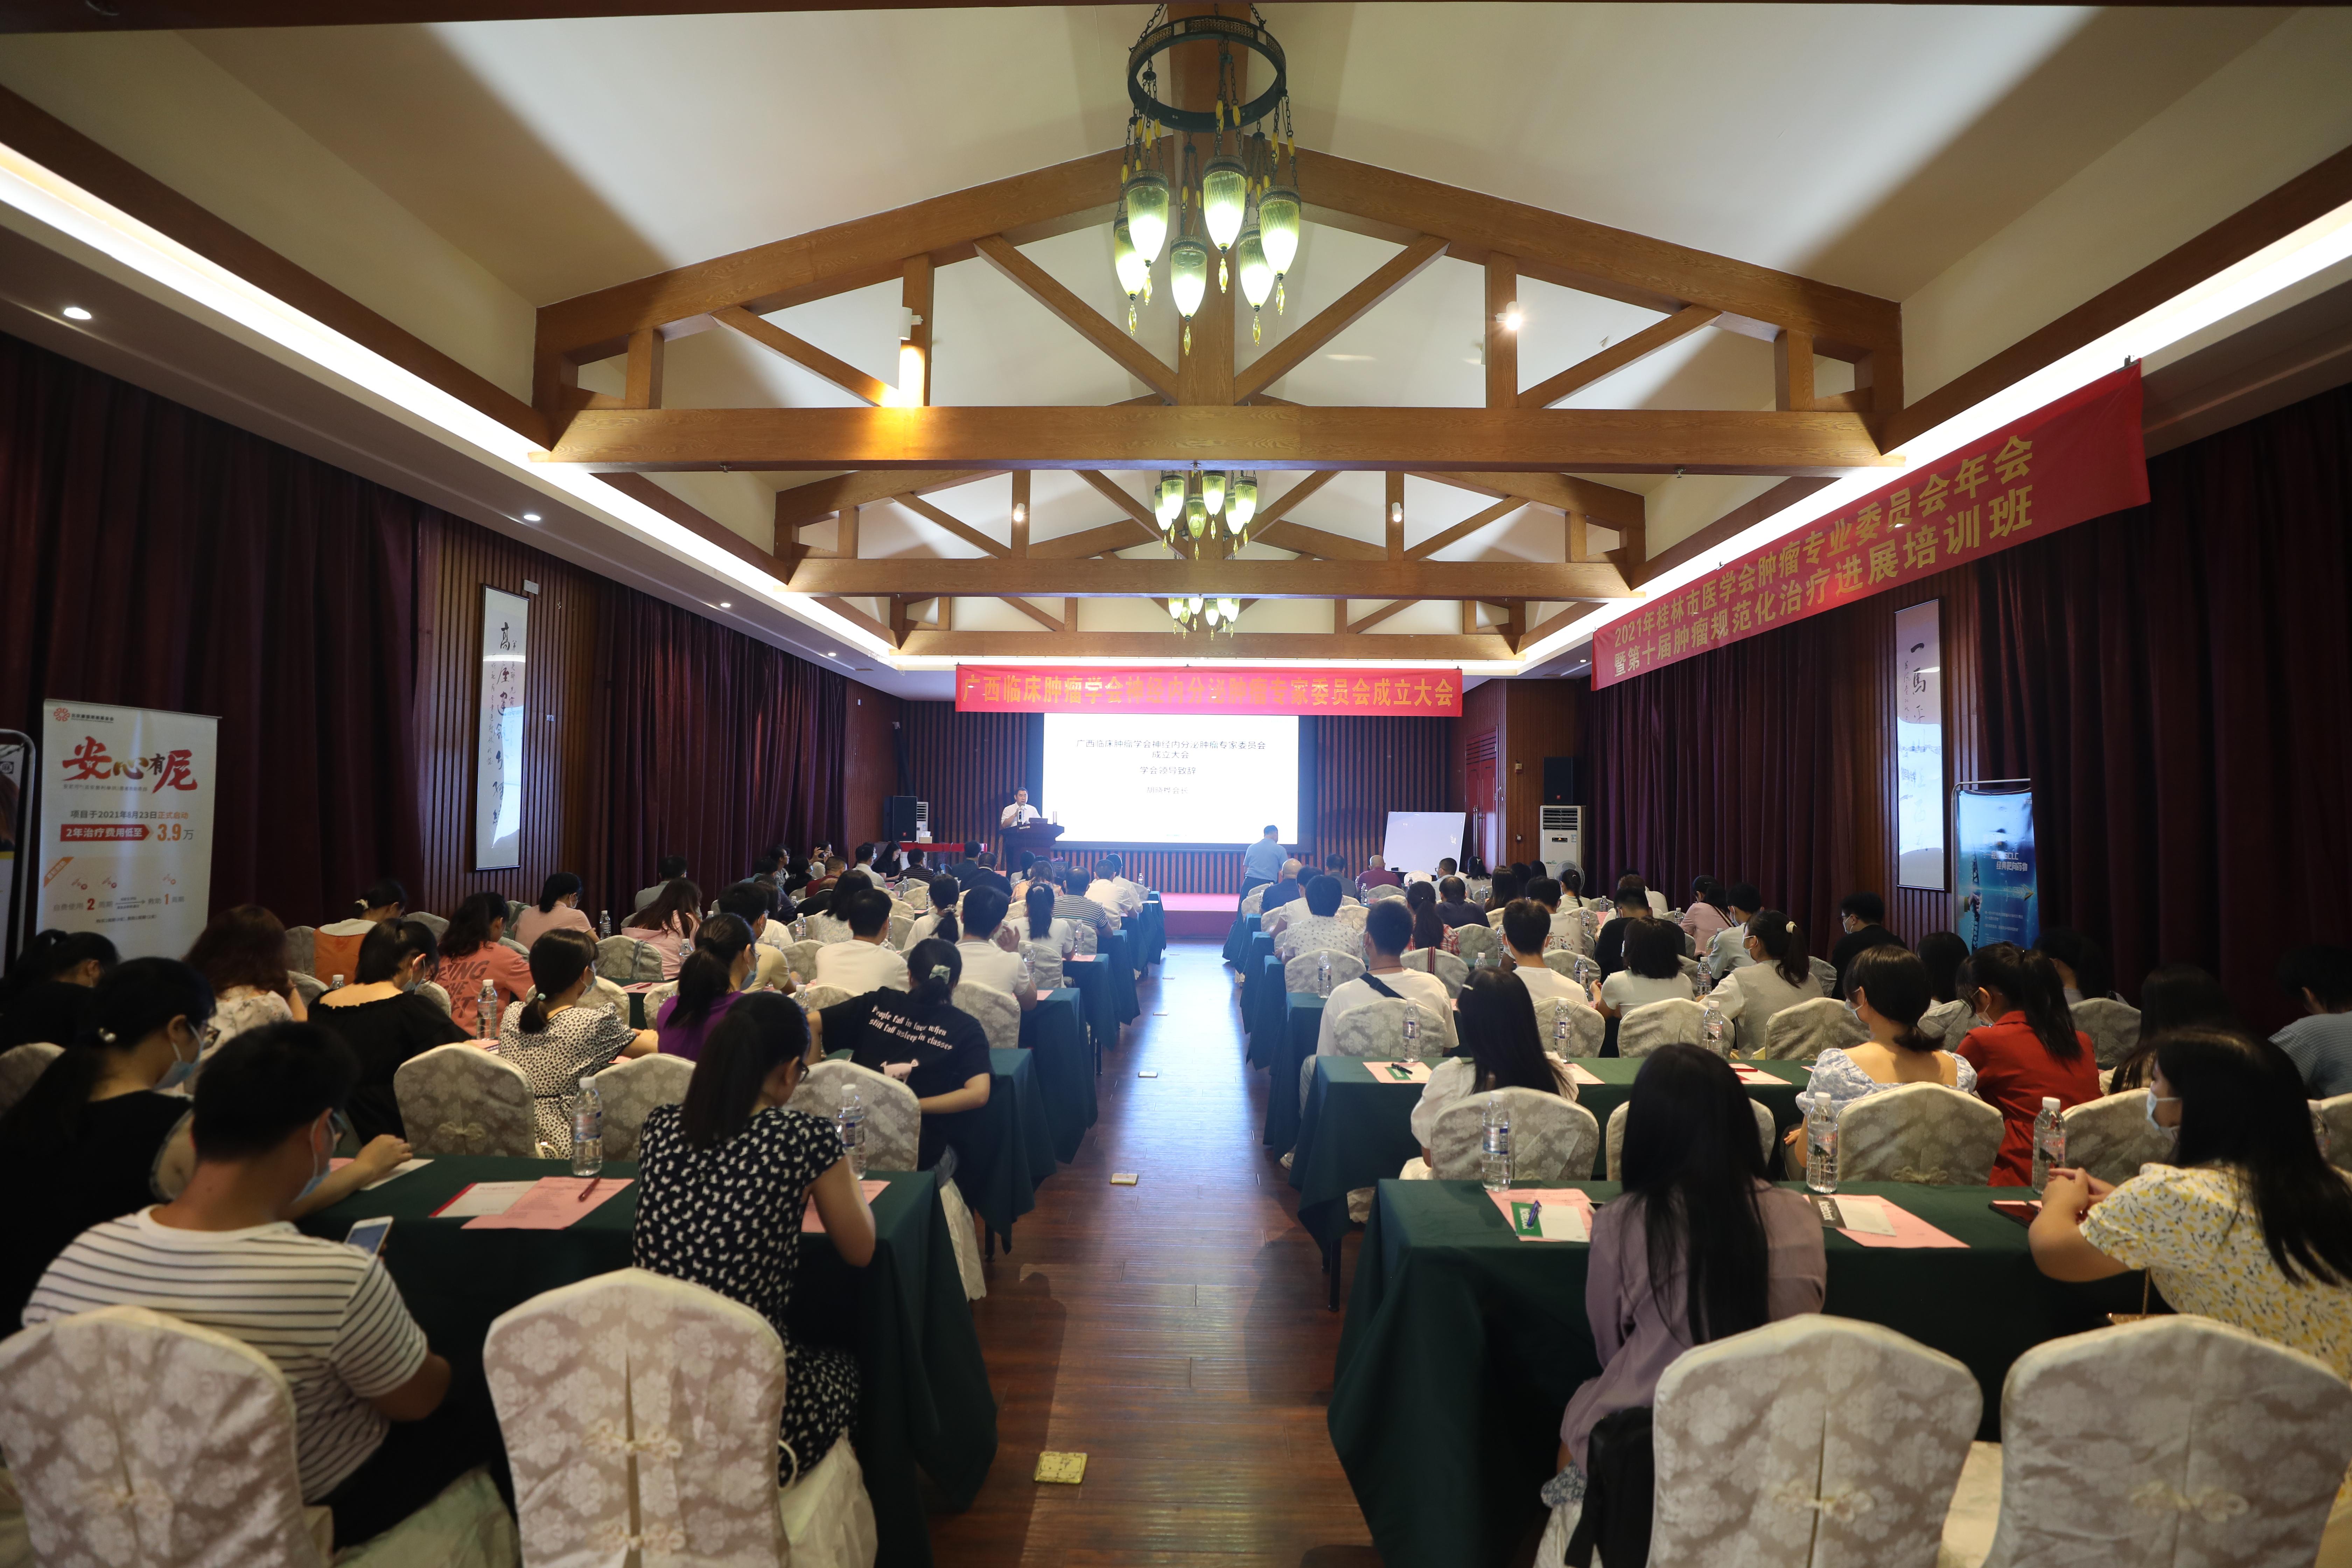 广西临床肿瘤学会神经内分泌肿瘤专家委员会成立大会在桂林举行